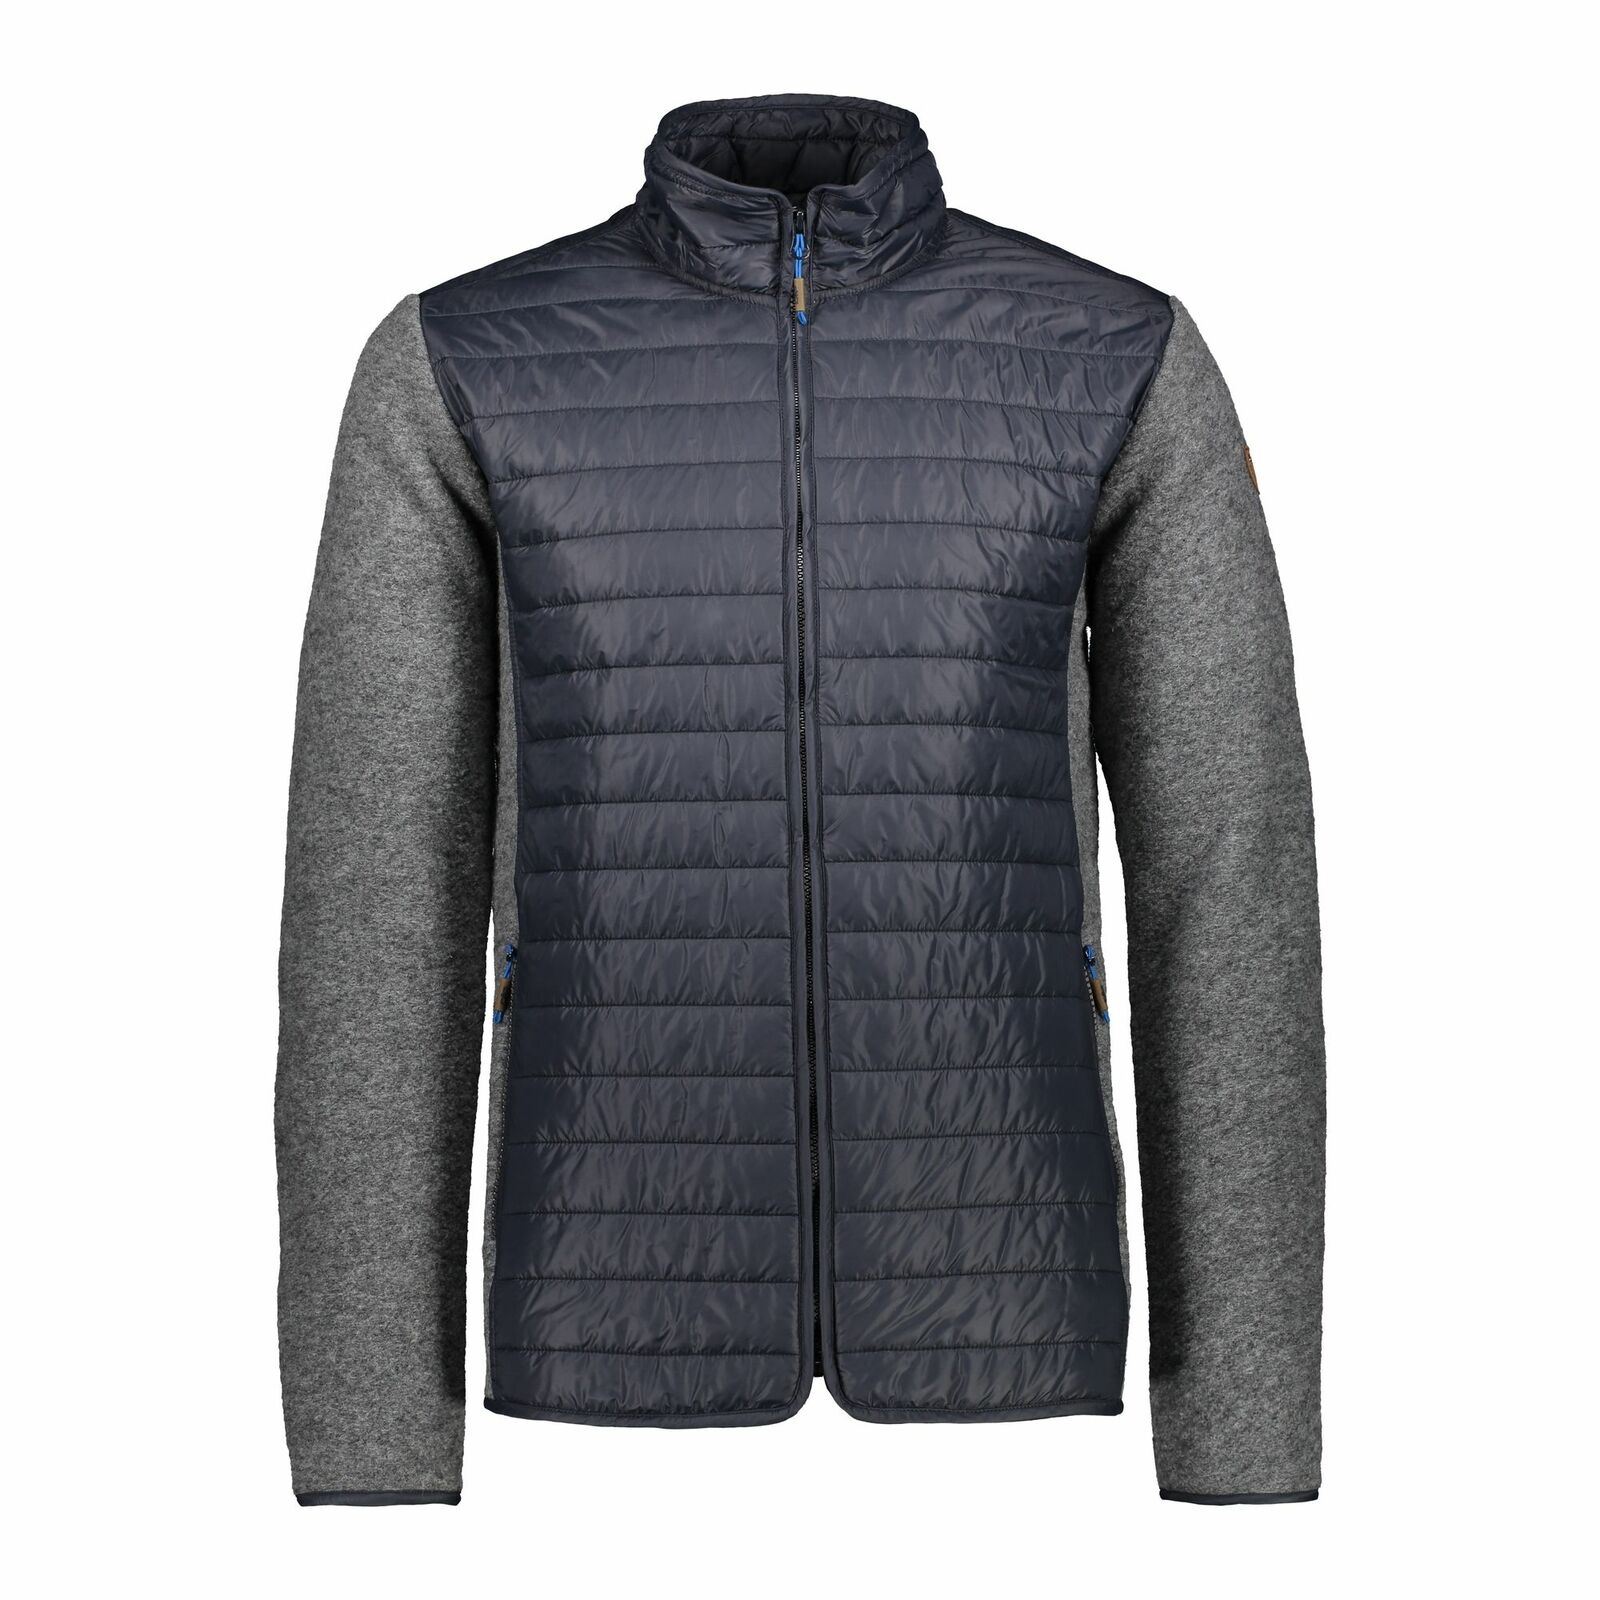 CMP Strickjacke Jacke Man jacke grau atmungsaktiv wärmännerd isolierend meliert